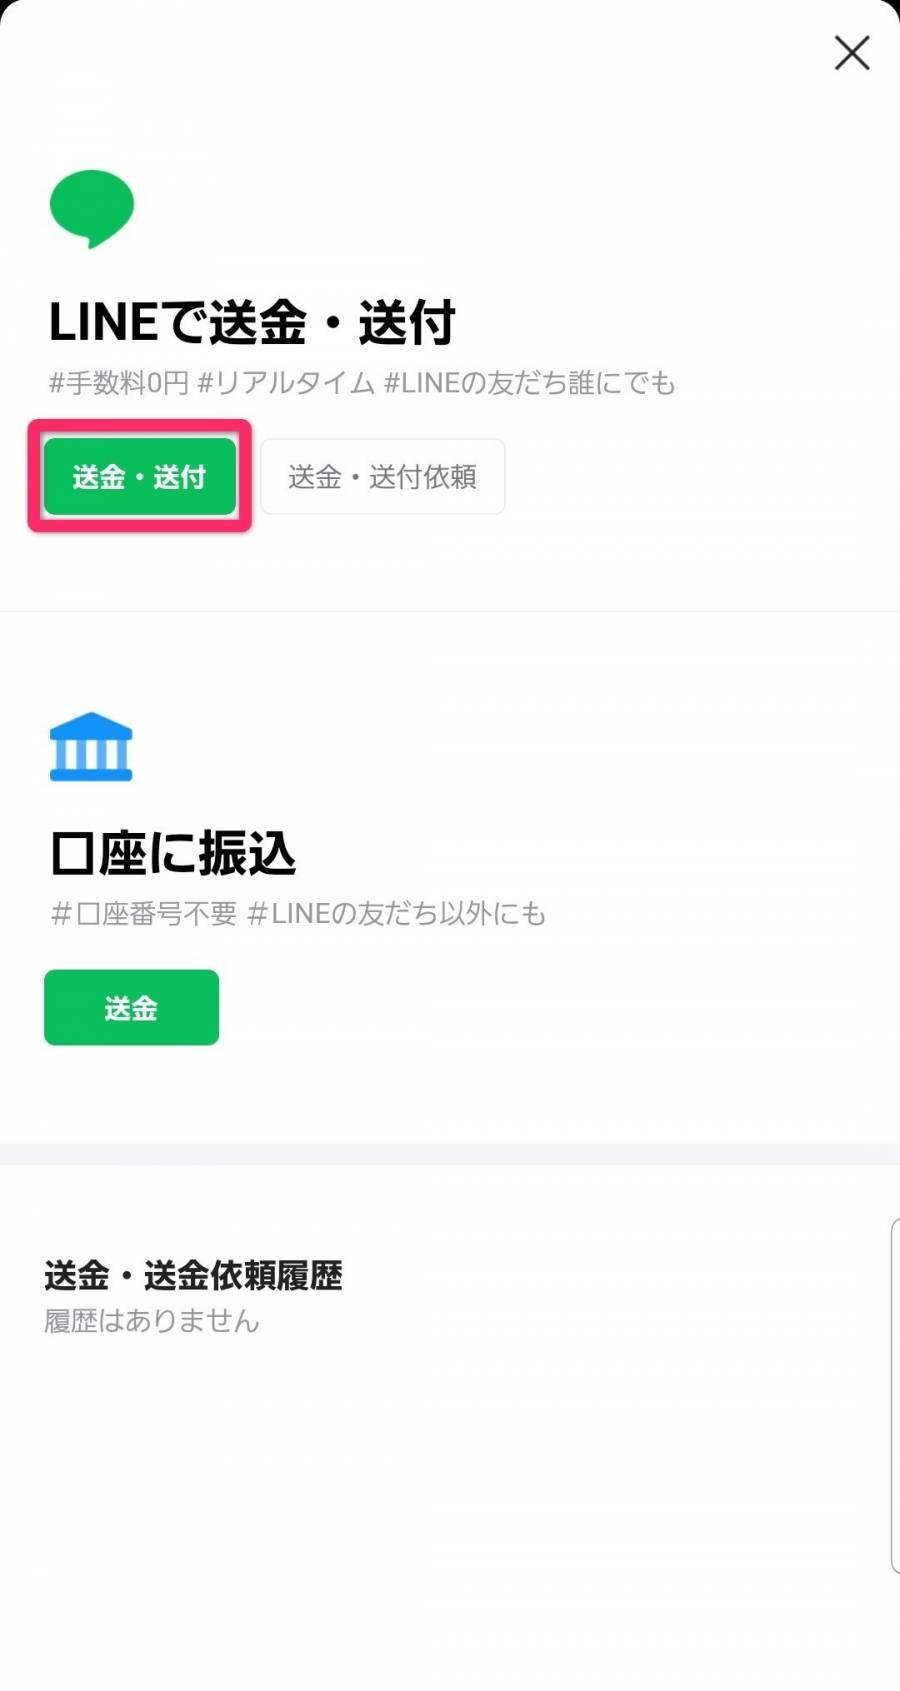 LINE Pay送金先の選択画面